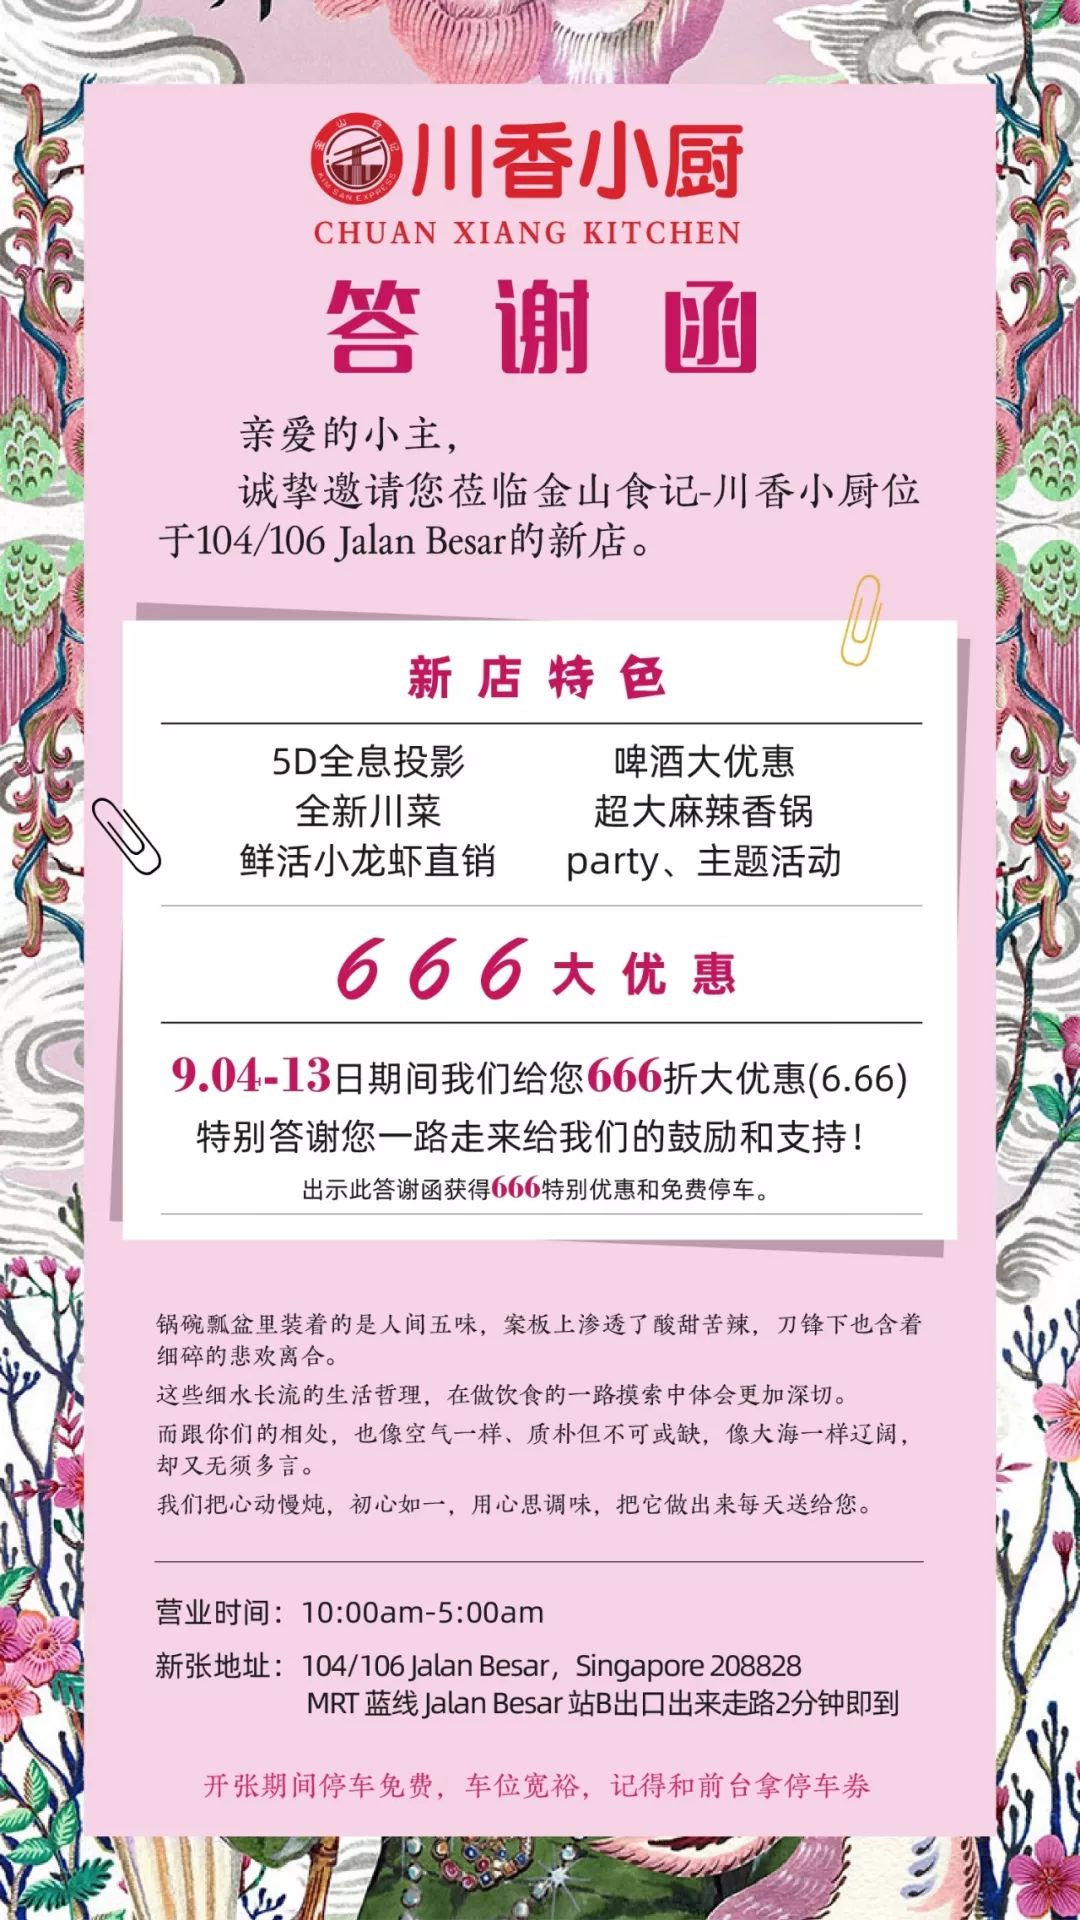 【下周活动】GUCCI推出限量款口红!中秋节特别活动走起~